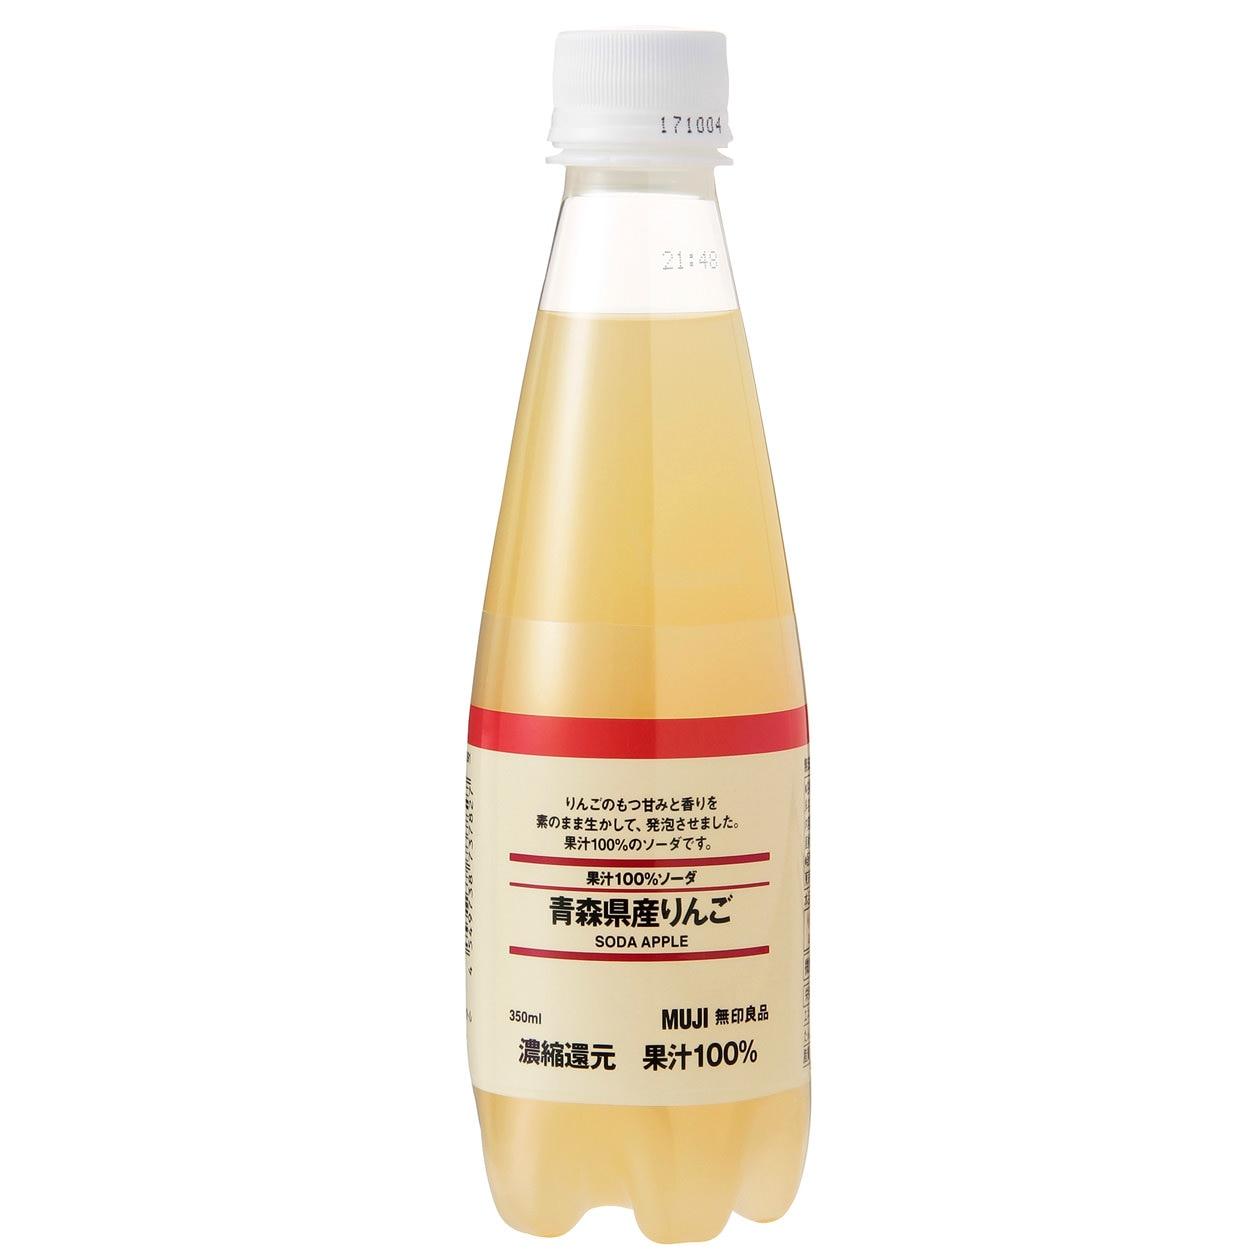 果汁100%ソーダ 青森県産りんご